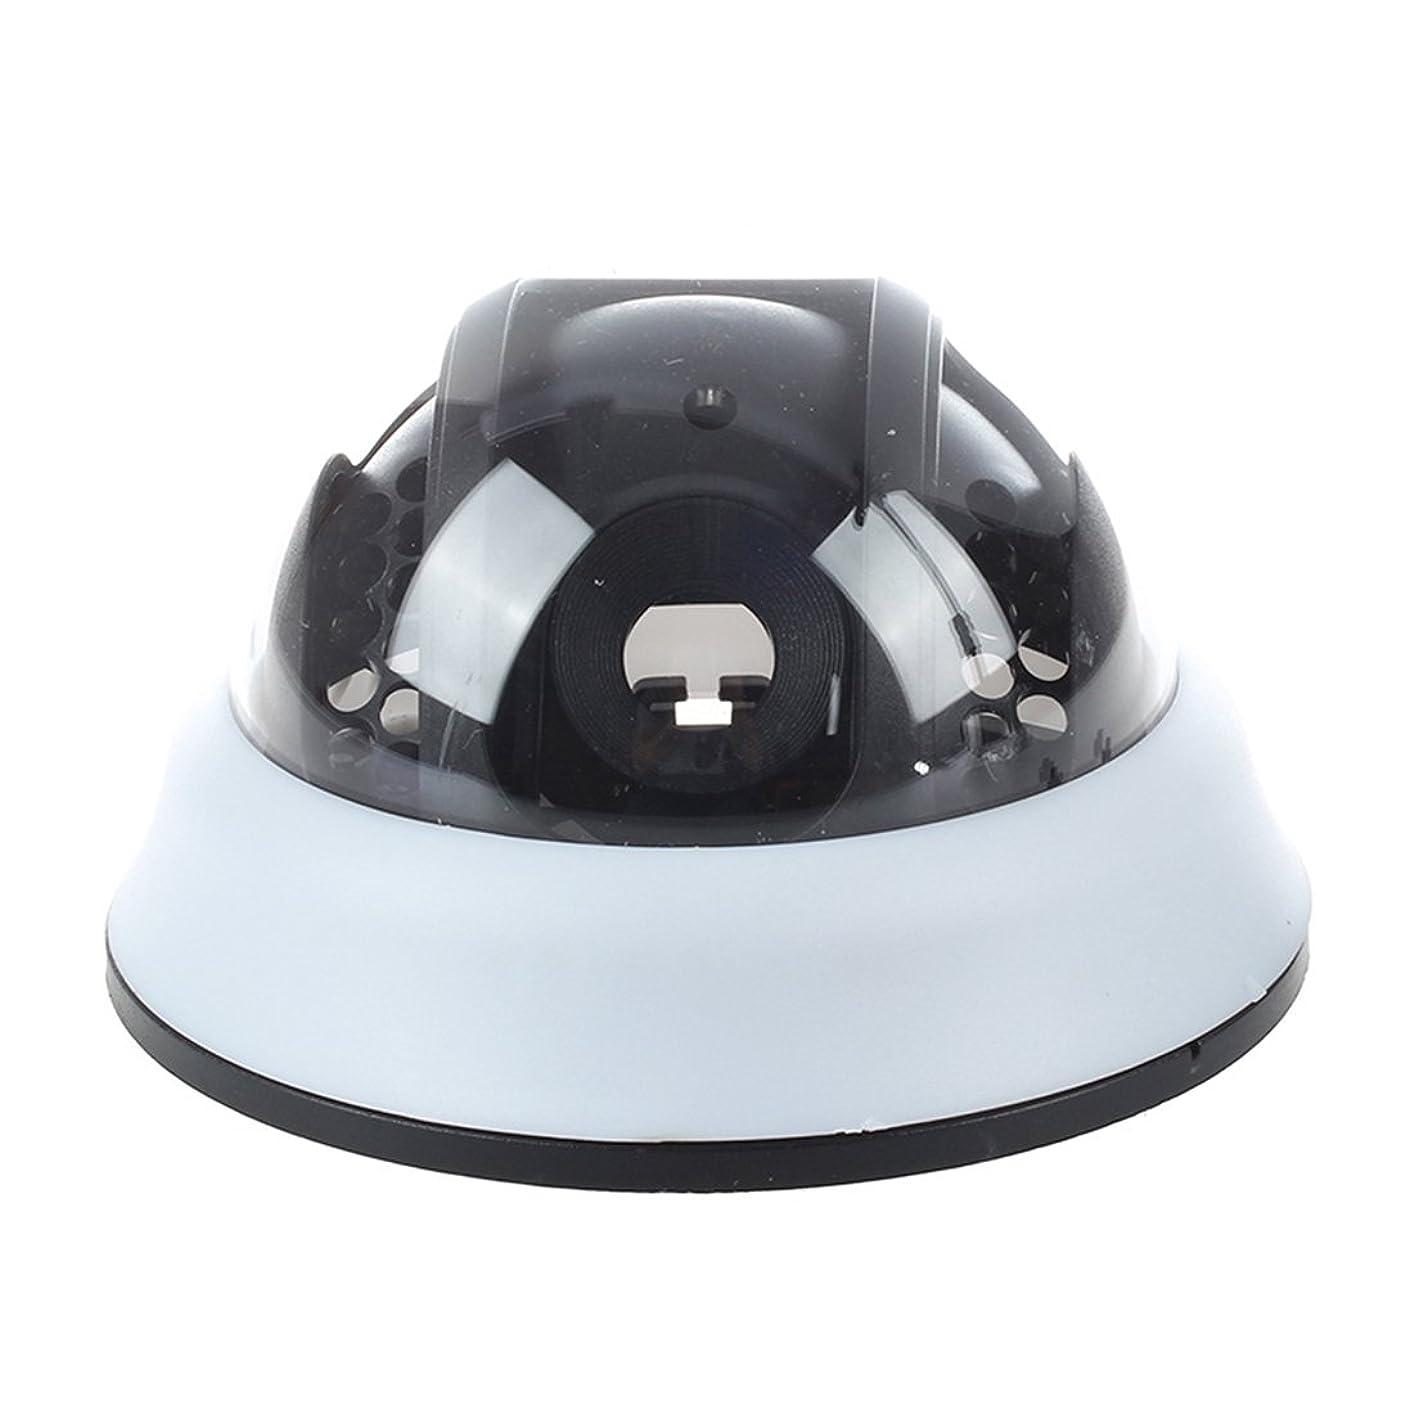 レタッチブラザー正規化SODIAL(R)赤色LED点滅 監視カメラ 防犯用 ダミーカメラ ドーム型 偽装カメラ (ホワイト)